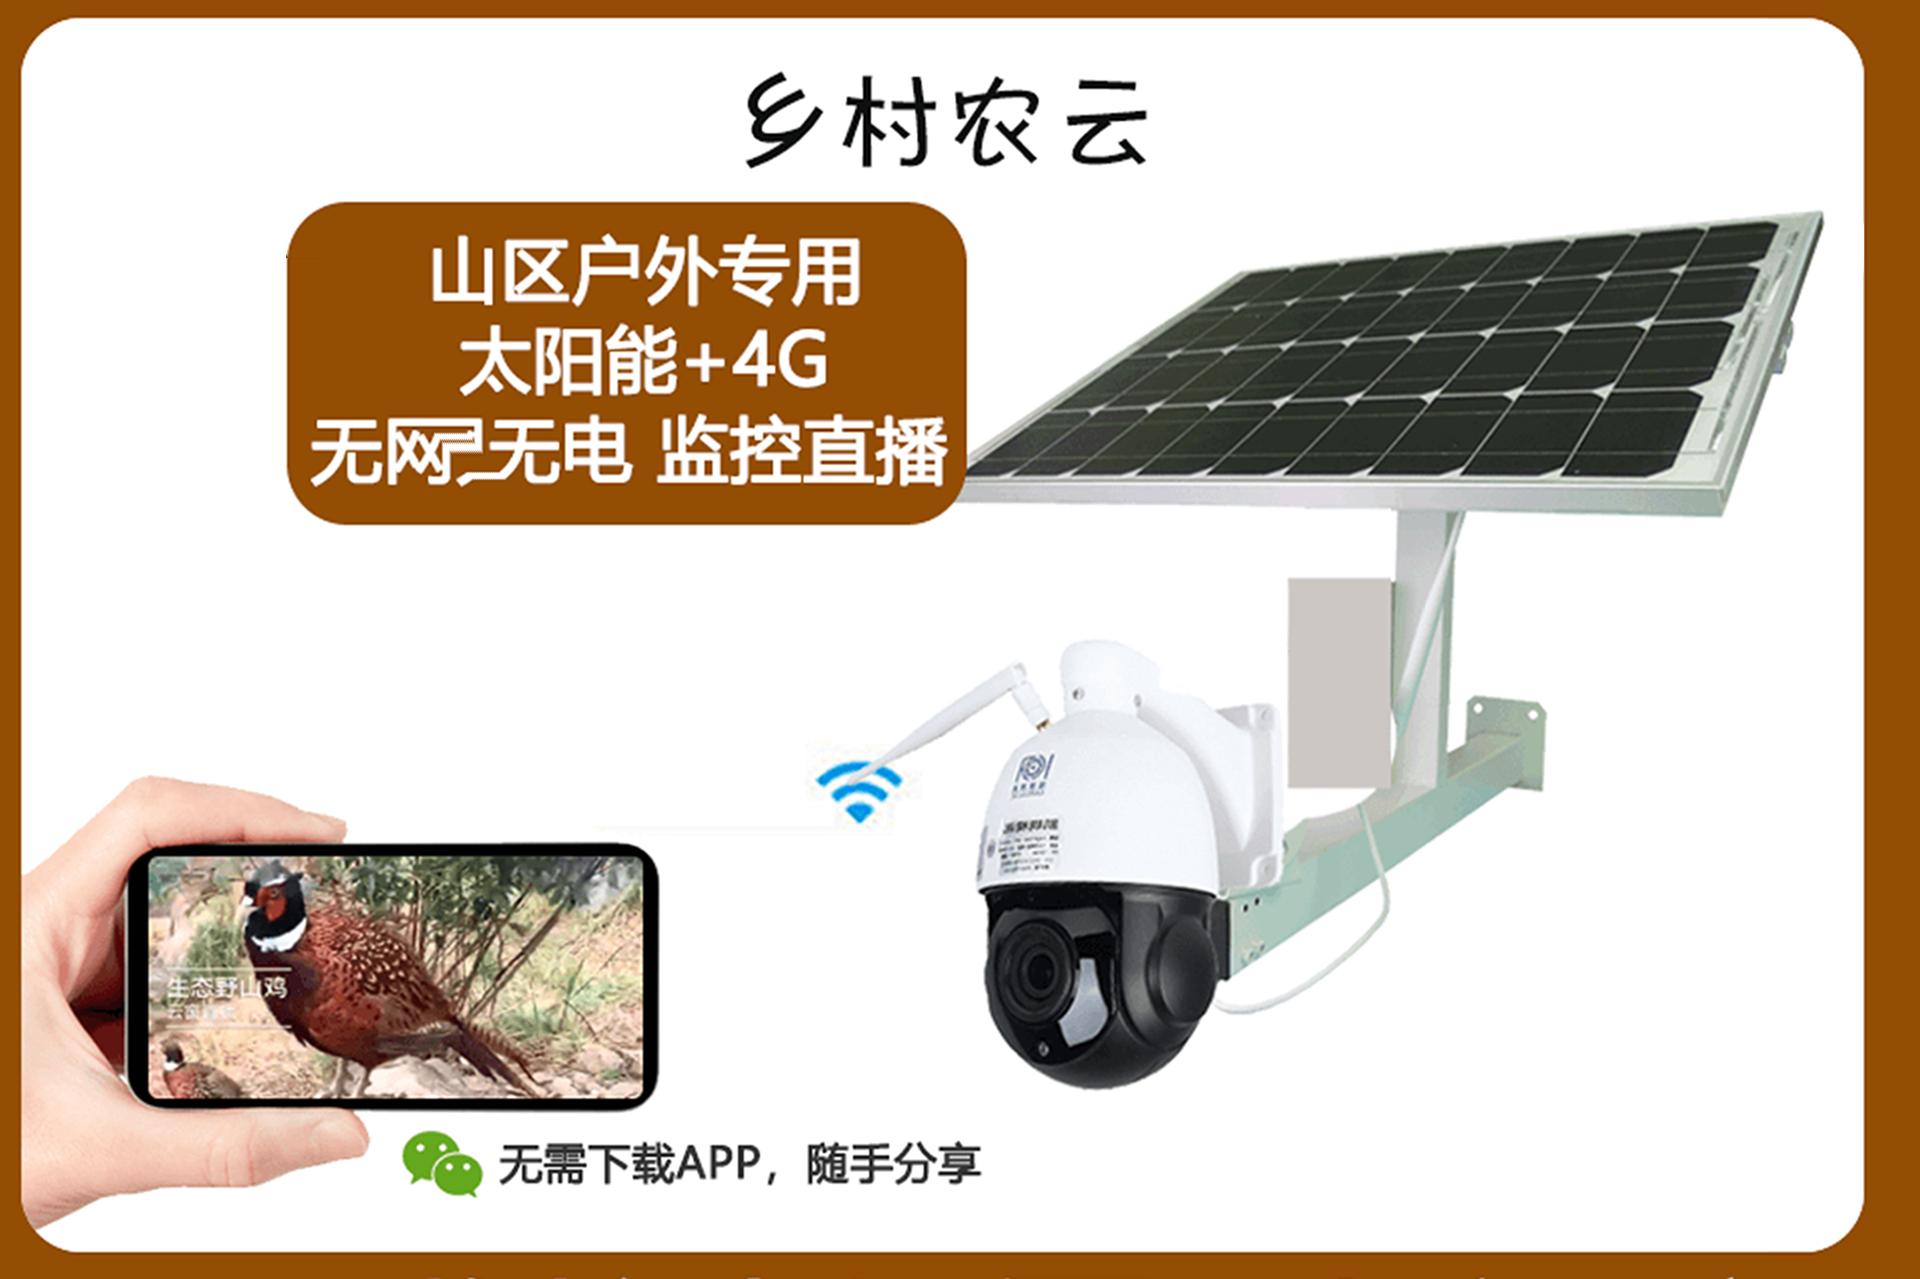 太阳能监控直播套装